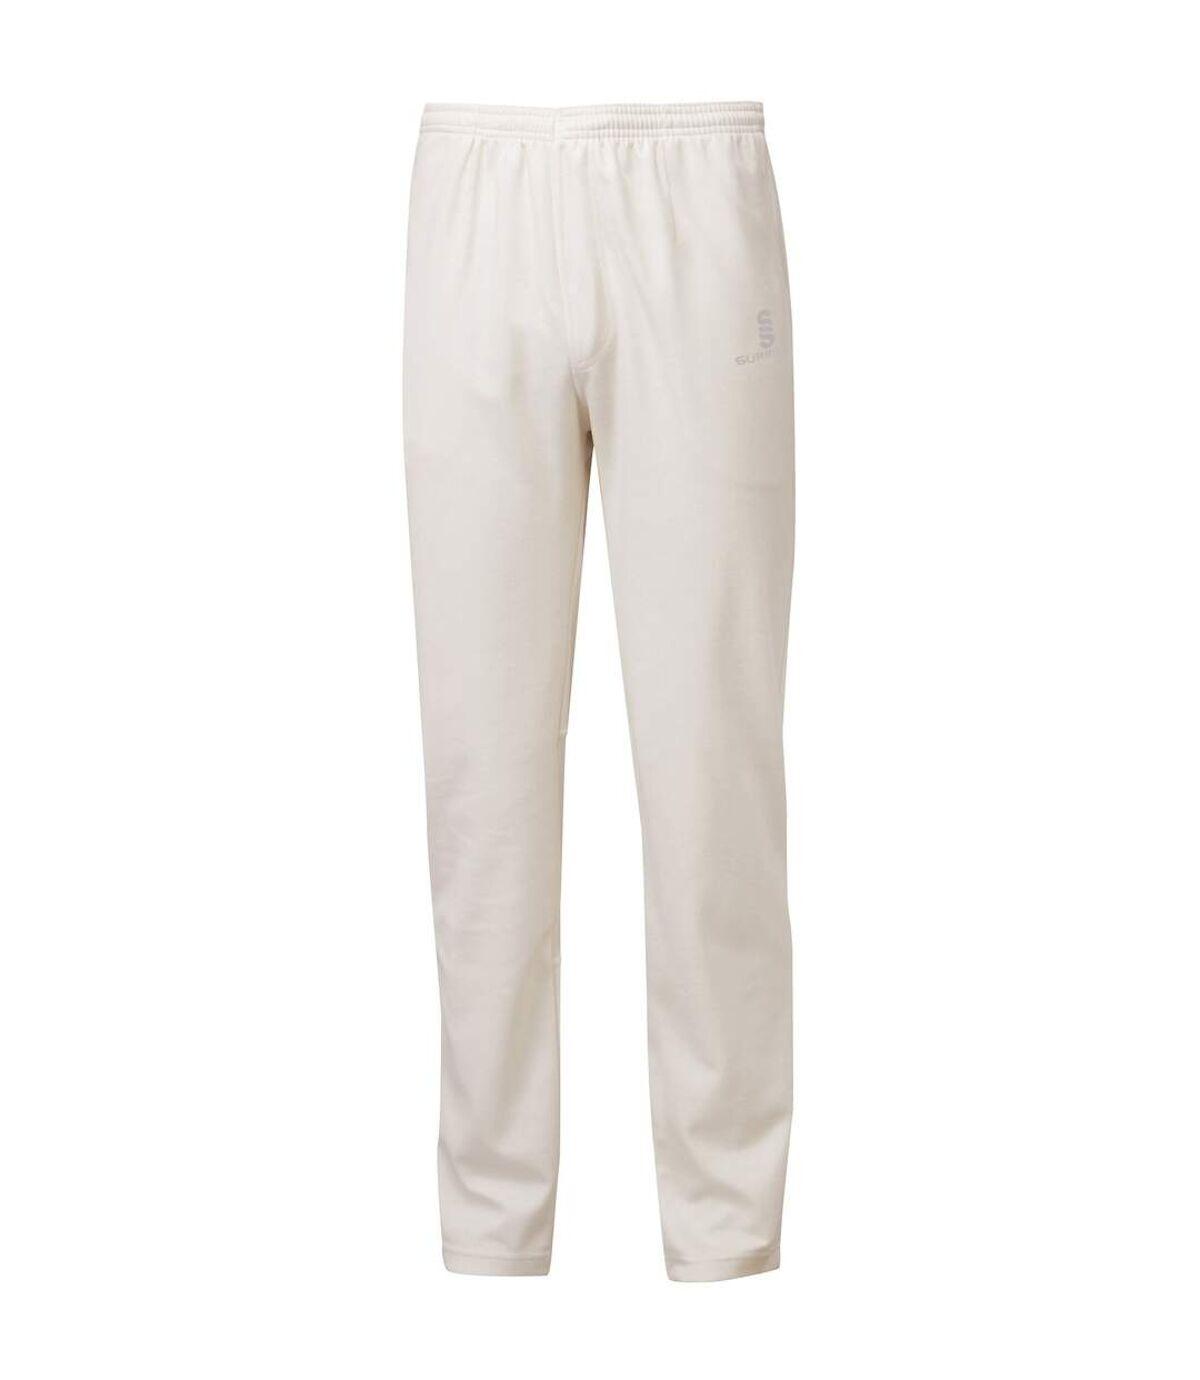 Surridge Mens Ergo Cricket Pants (Ivory) - UTRW5664